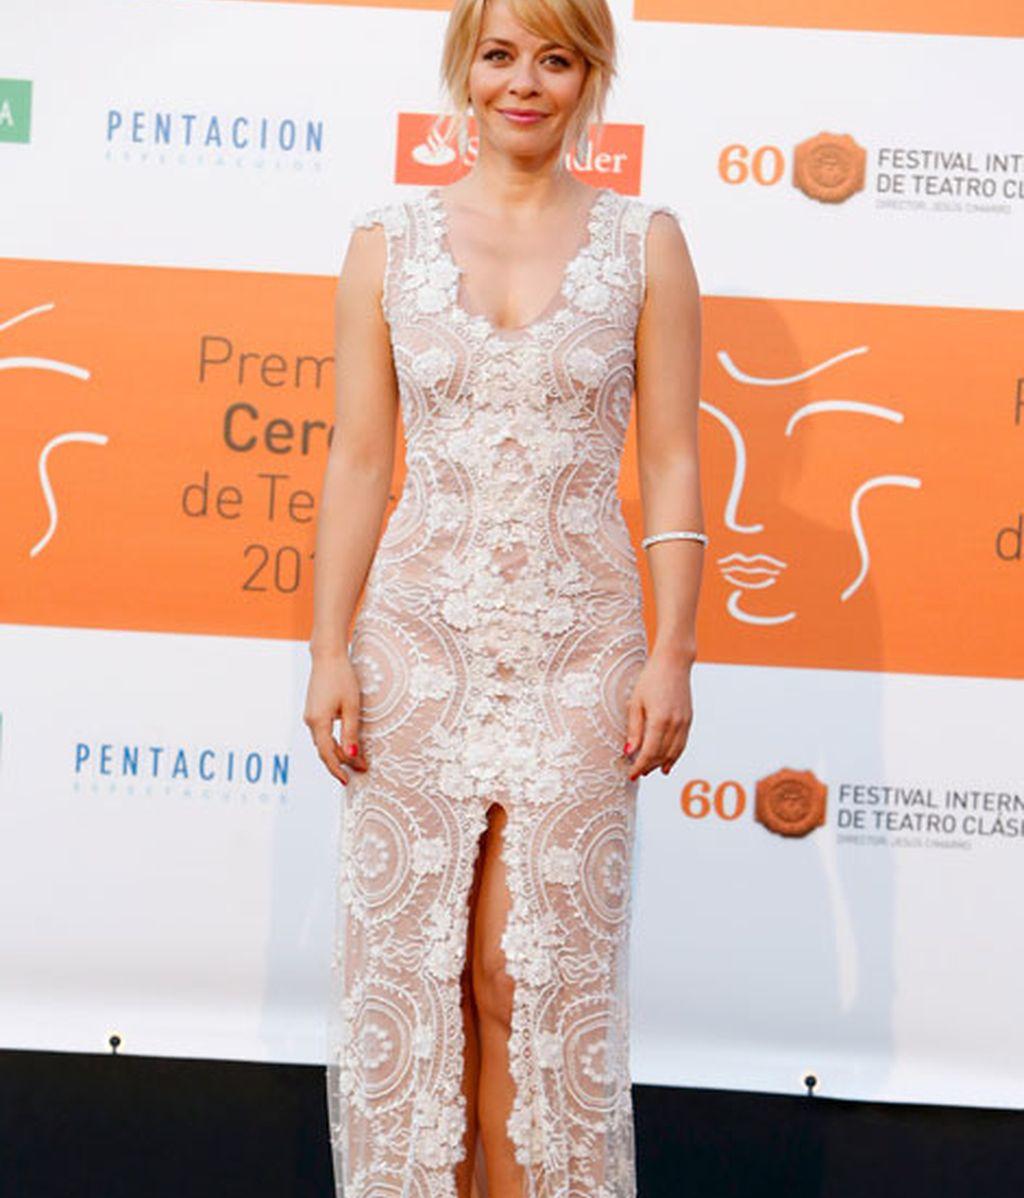 María Adánez con un sugerente vestido de gran abertura en la falda